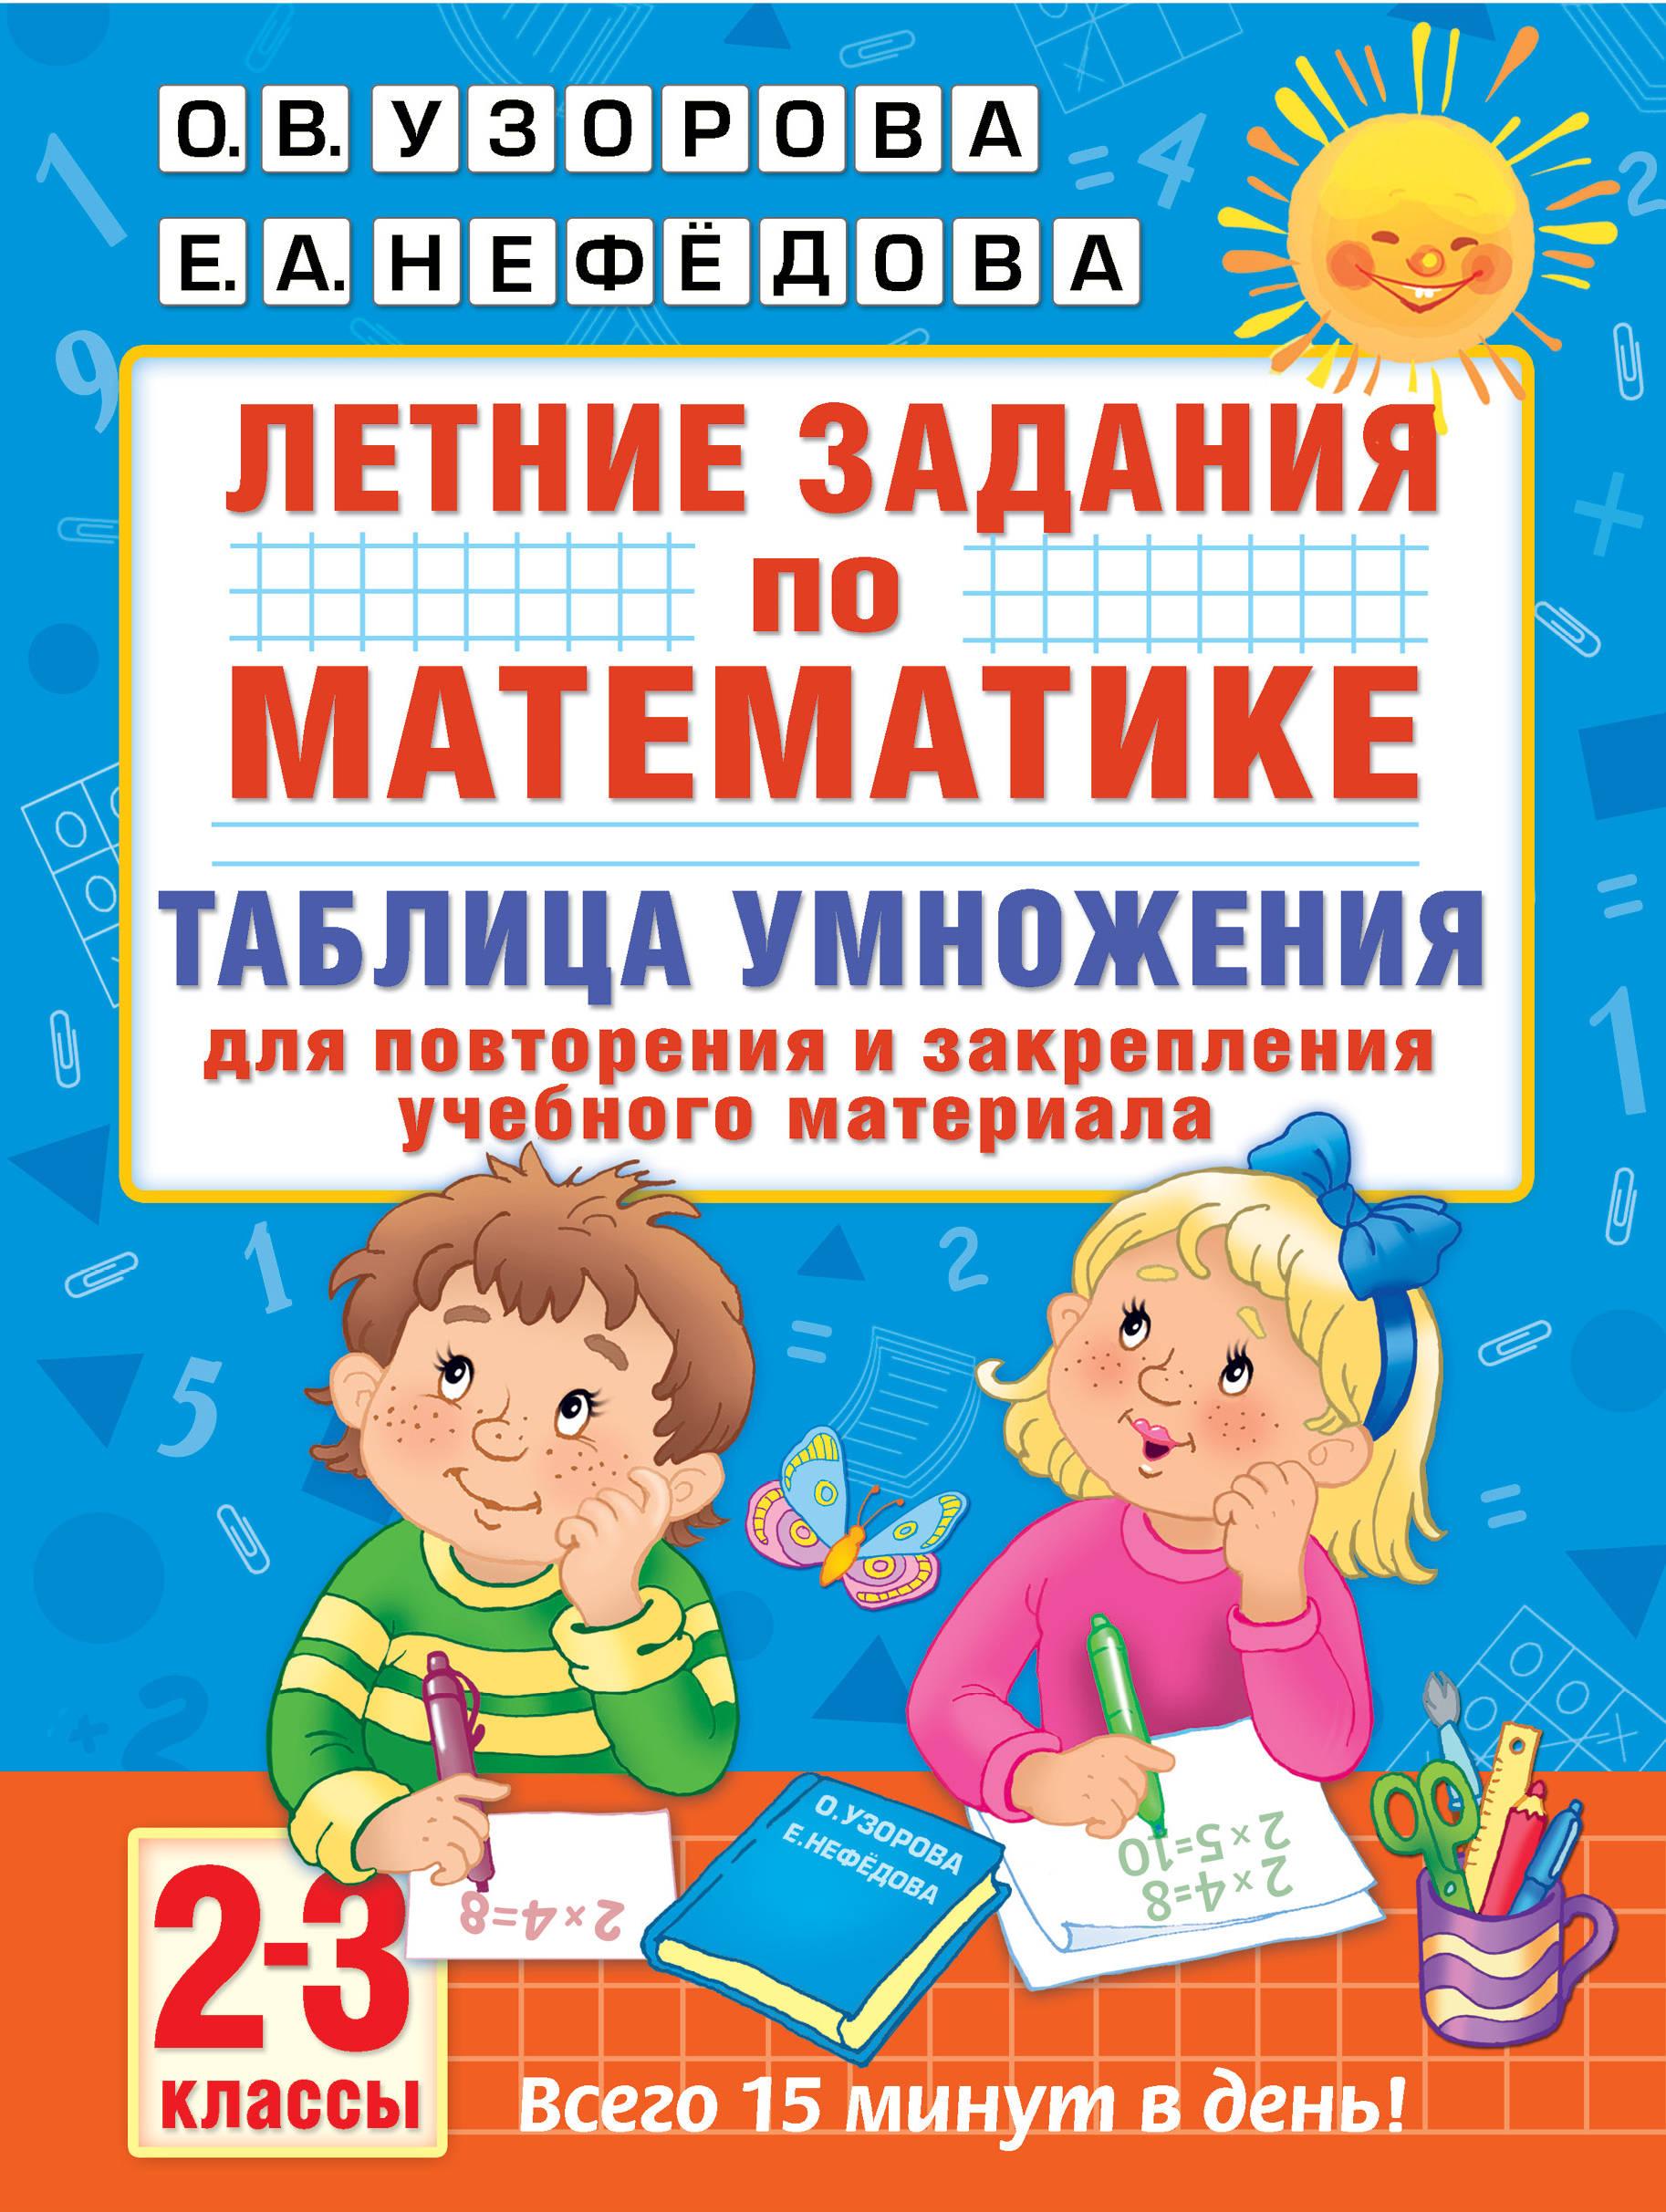 О.В. Узорова, Е.А. Нефедова Летние задания по математике. Таблица умножения. 2-3 классы тд феникс пособие изучаем таблицу умножения 2 3 классы издание 3 е данилина и в